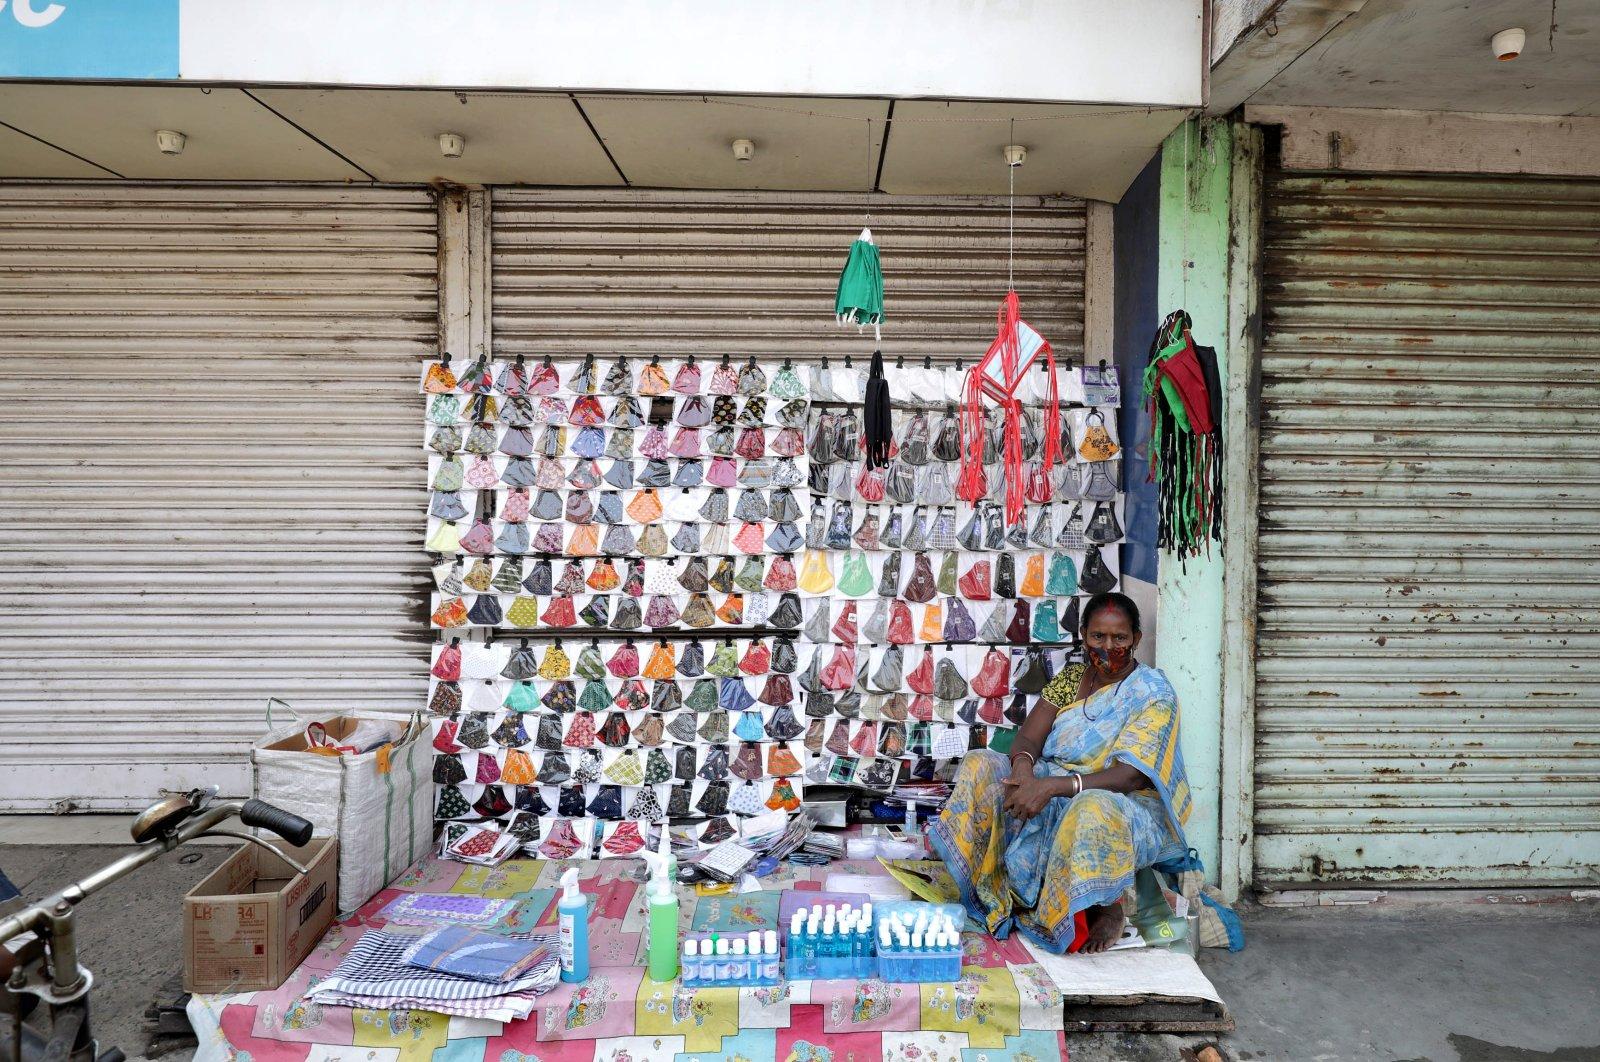 An Indian woman sells face masks near a closed market during the coronavirus pandemic far north of Kolkata, eastern India, May 12, 2021. (EPA Photo)